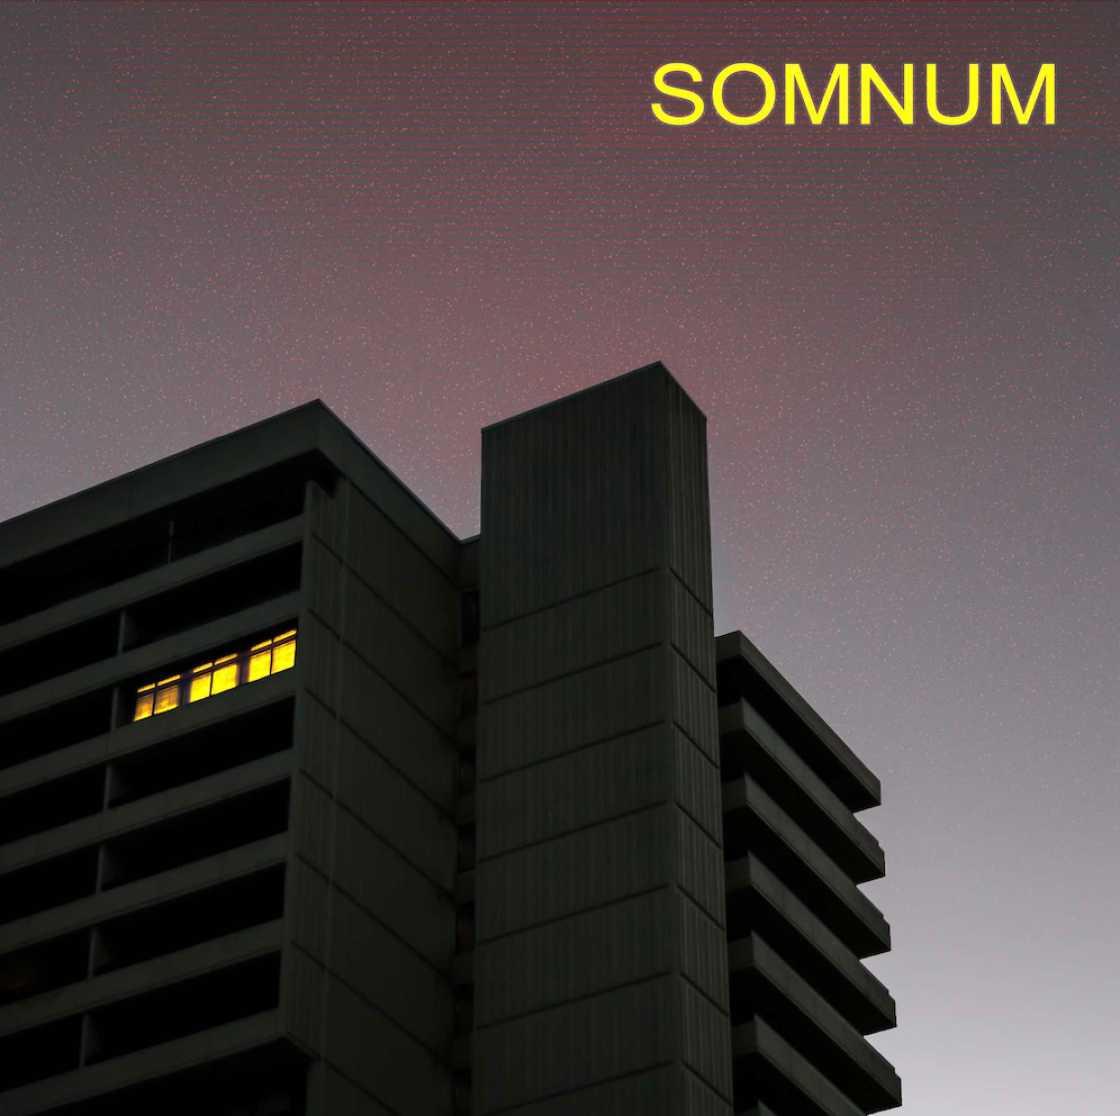 HAELOS - Somnum